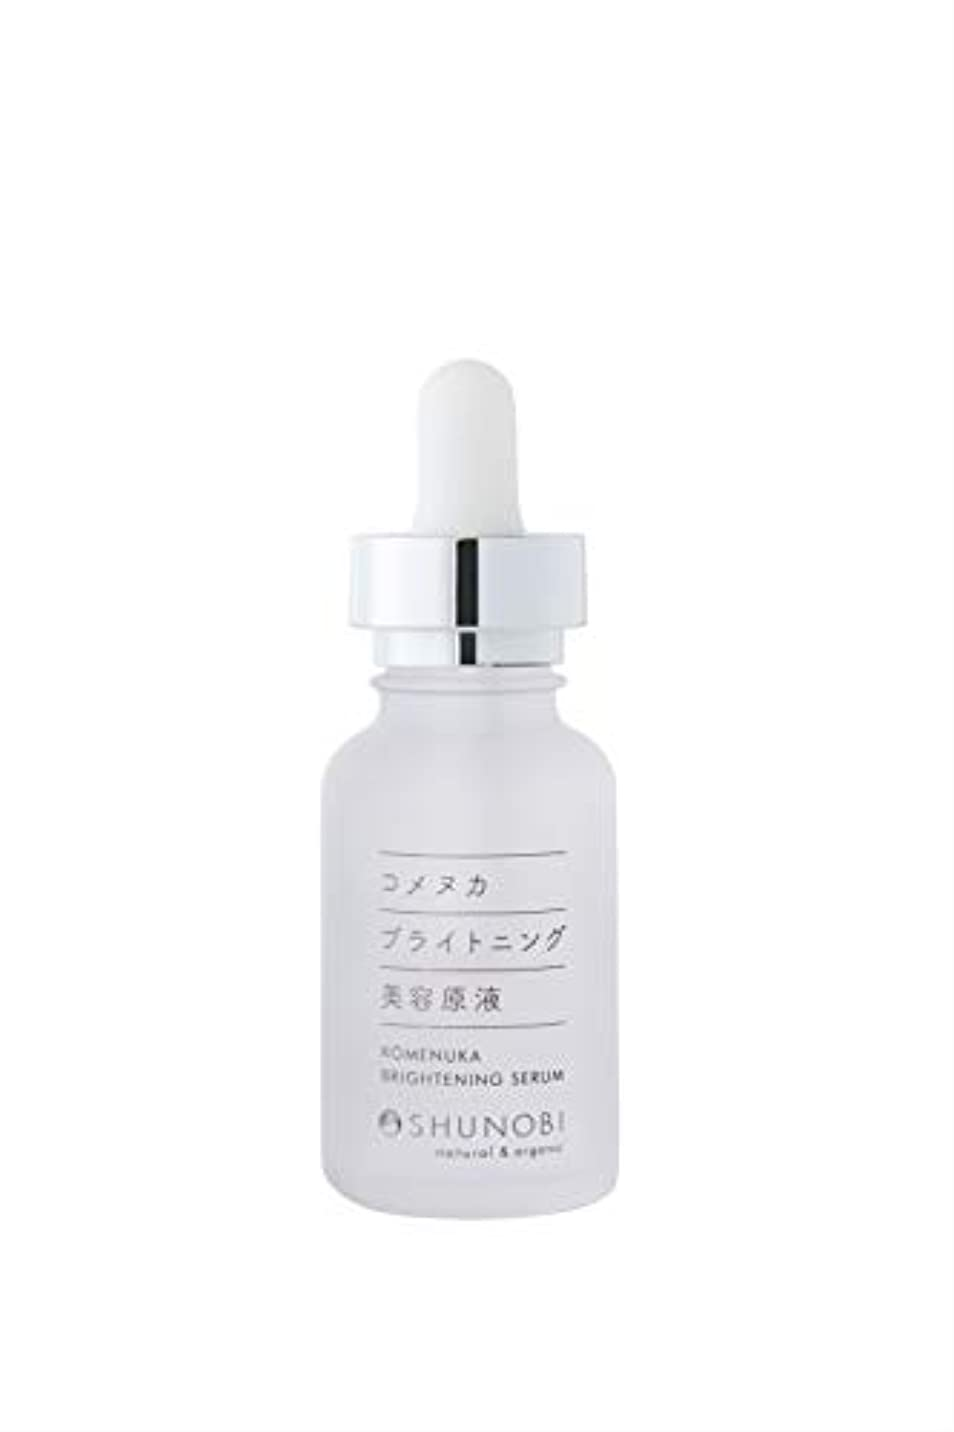 兵士厚い危険SHUNOBI コメヌカ ブライトニング美容原液 30ml